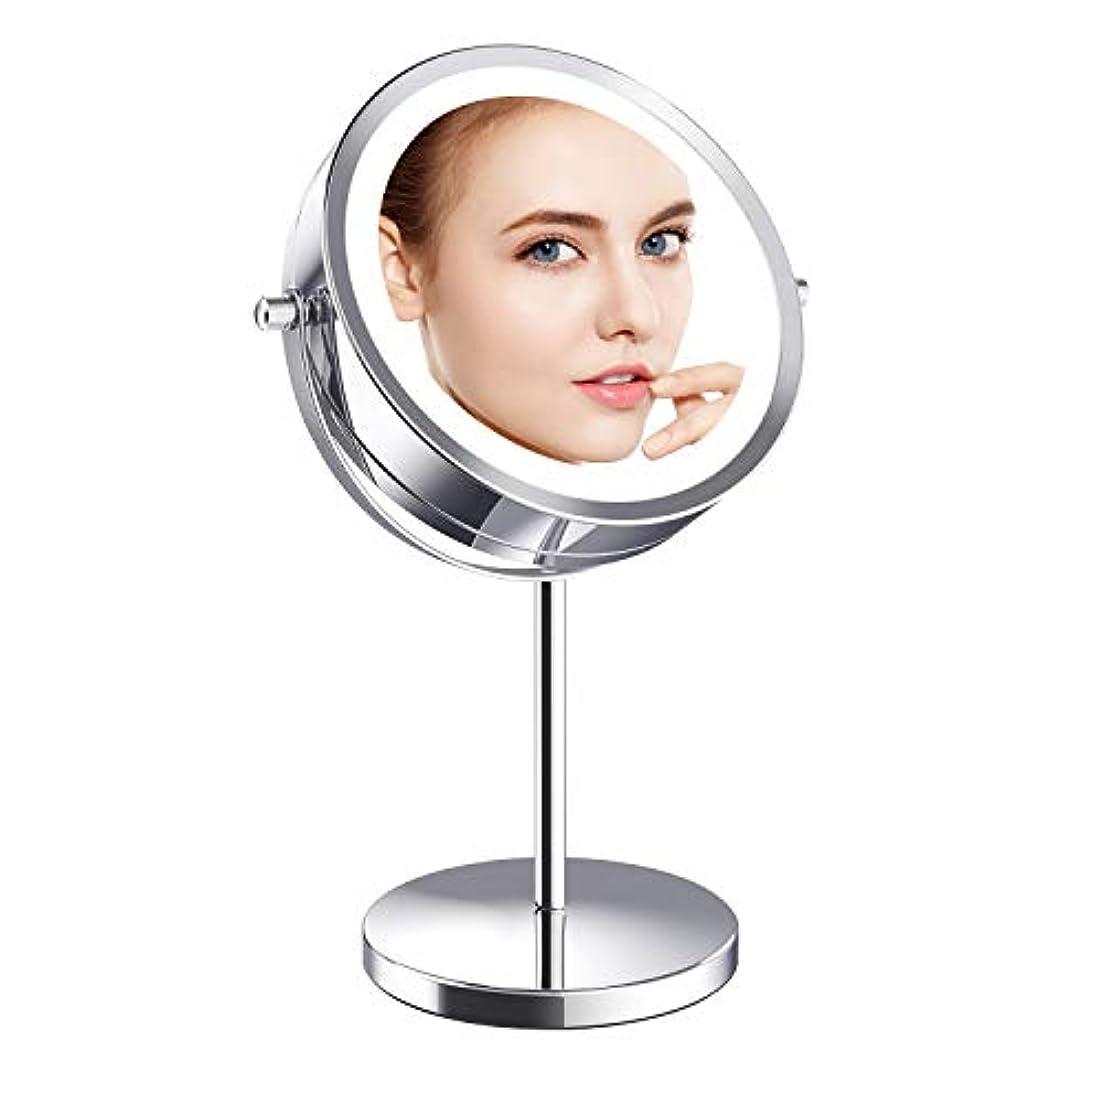 財団タッチ検出可能Gospire 化粧鏡 10倍拡大鏡+等倍鏡 LED卓上化粧鏡 メイクミラー 両面型 360度回転式 日本語説明書付き ライティングミラー プレゼント